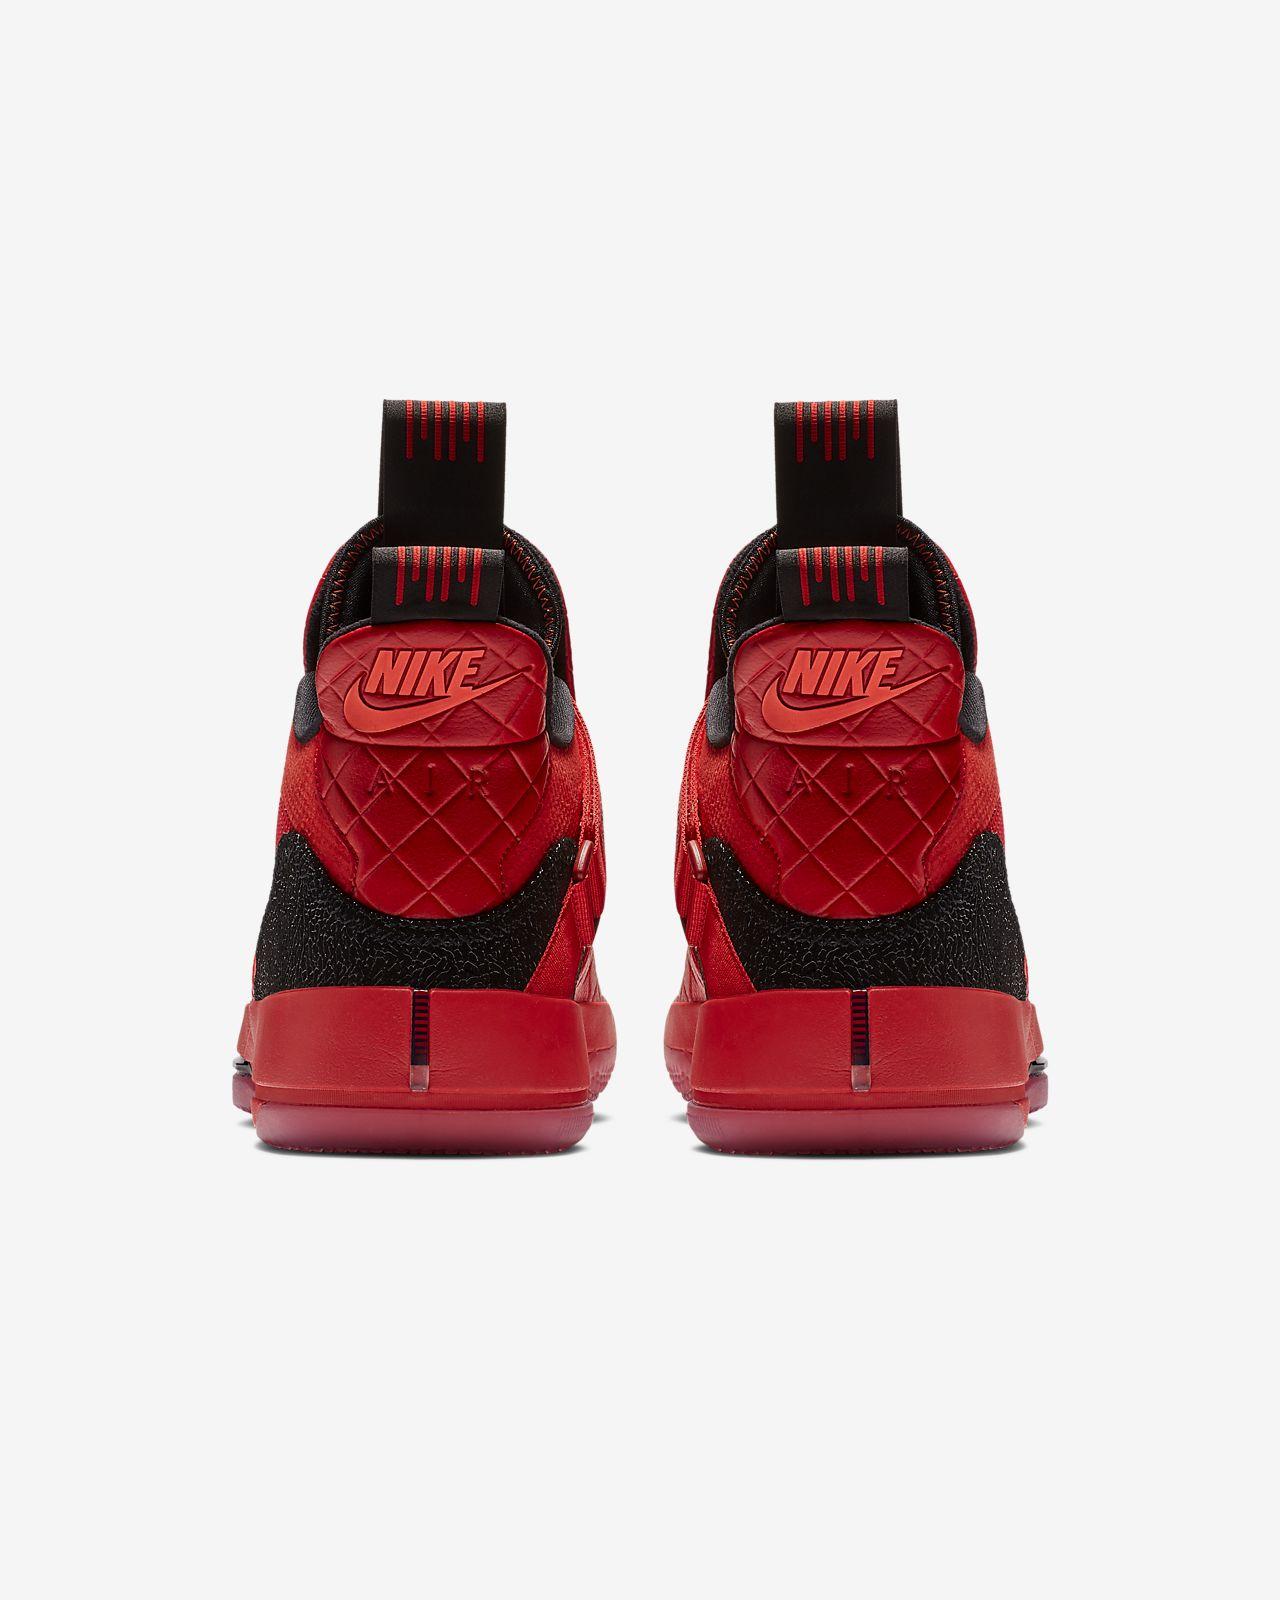 19cc2d42025b89 Low Resolution Air Jordan XXXIII Basketball Shoe Air Jordan XXXIII  Basketball Shoe